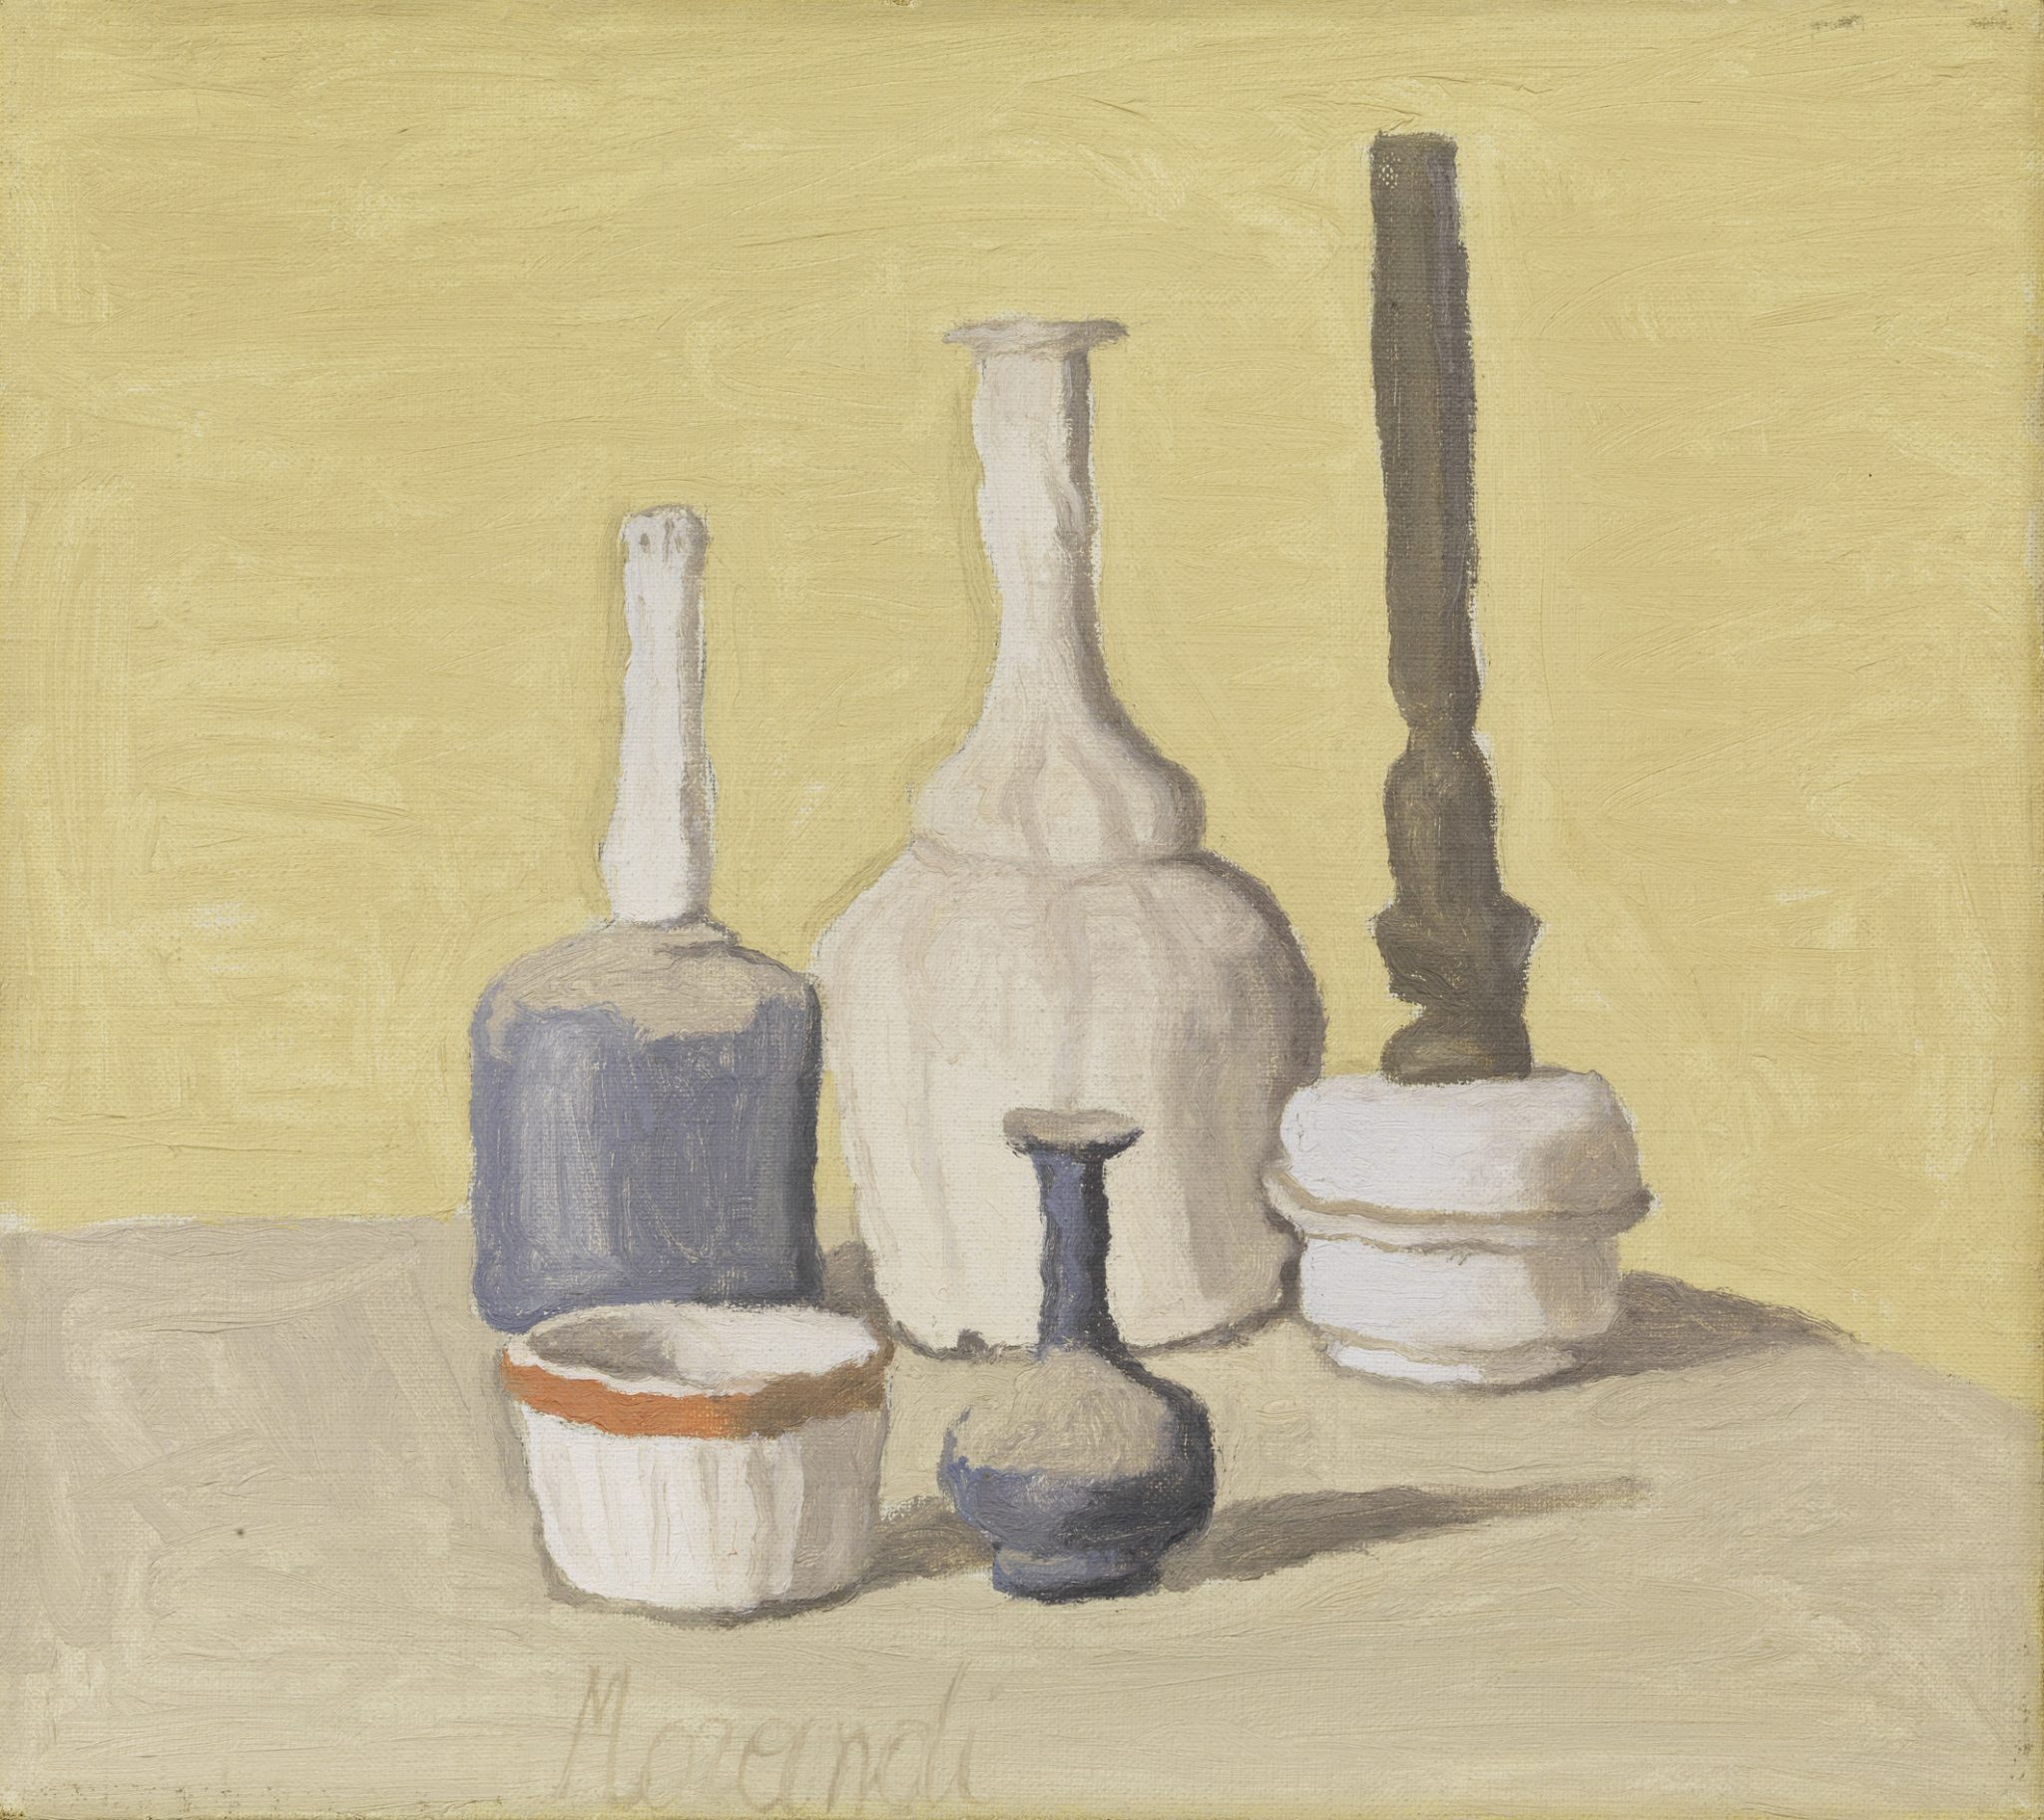 Giorgio Morandi Bologna 1890 - 1964 NATURA MORTA, (1941) STIMA € 700.000 / 900.000 Olio su tela, cm. 40,3x45,5 Firma in basso al centro: Morandi.